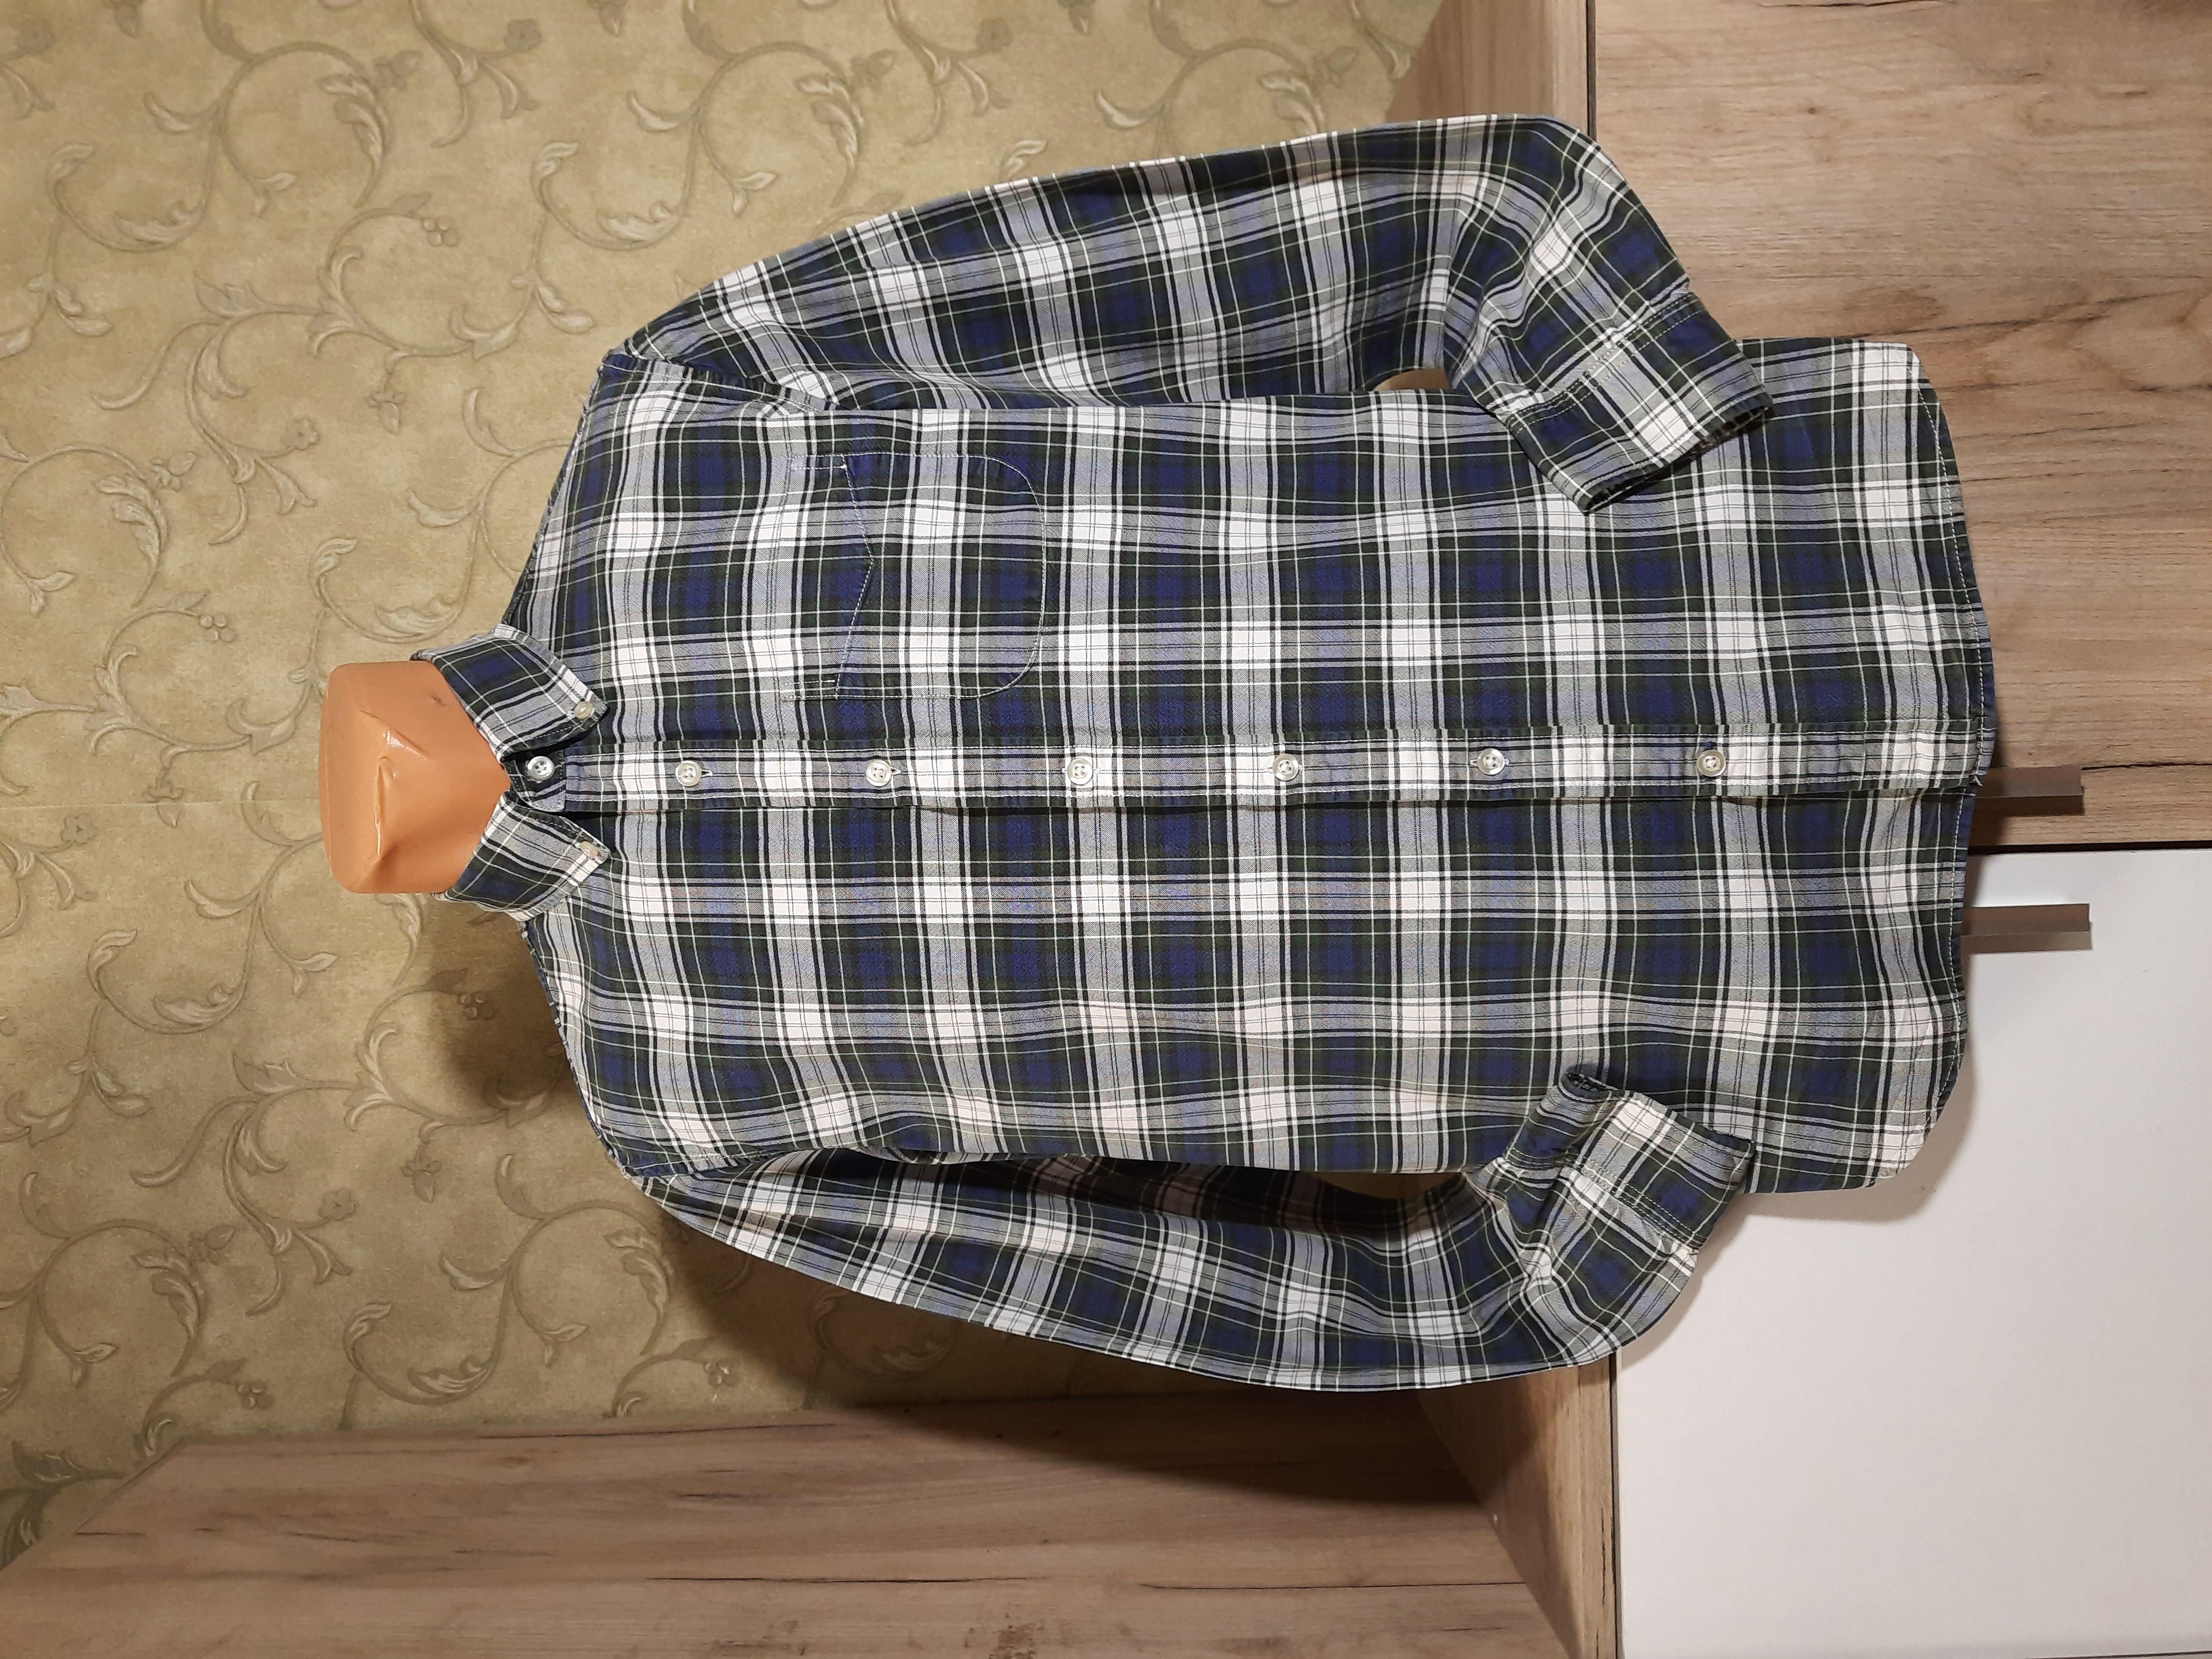 Собираем лоты!! Мужская рубашка,плотный котон, размер s